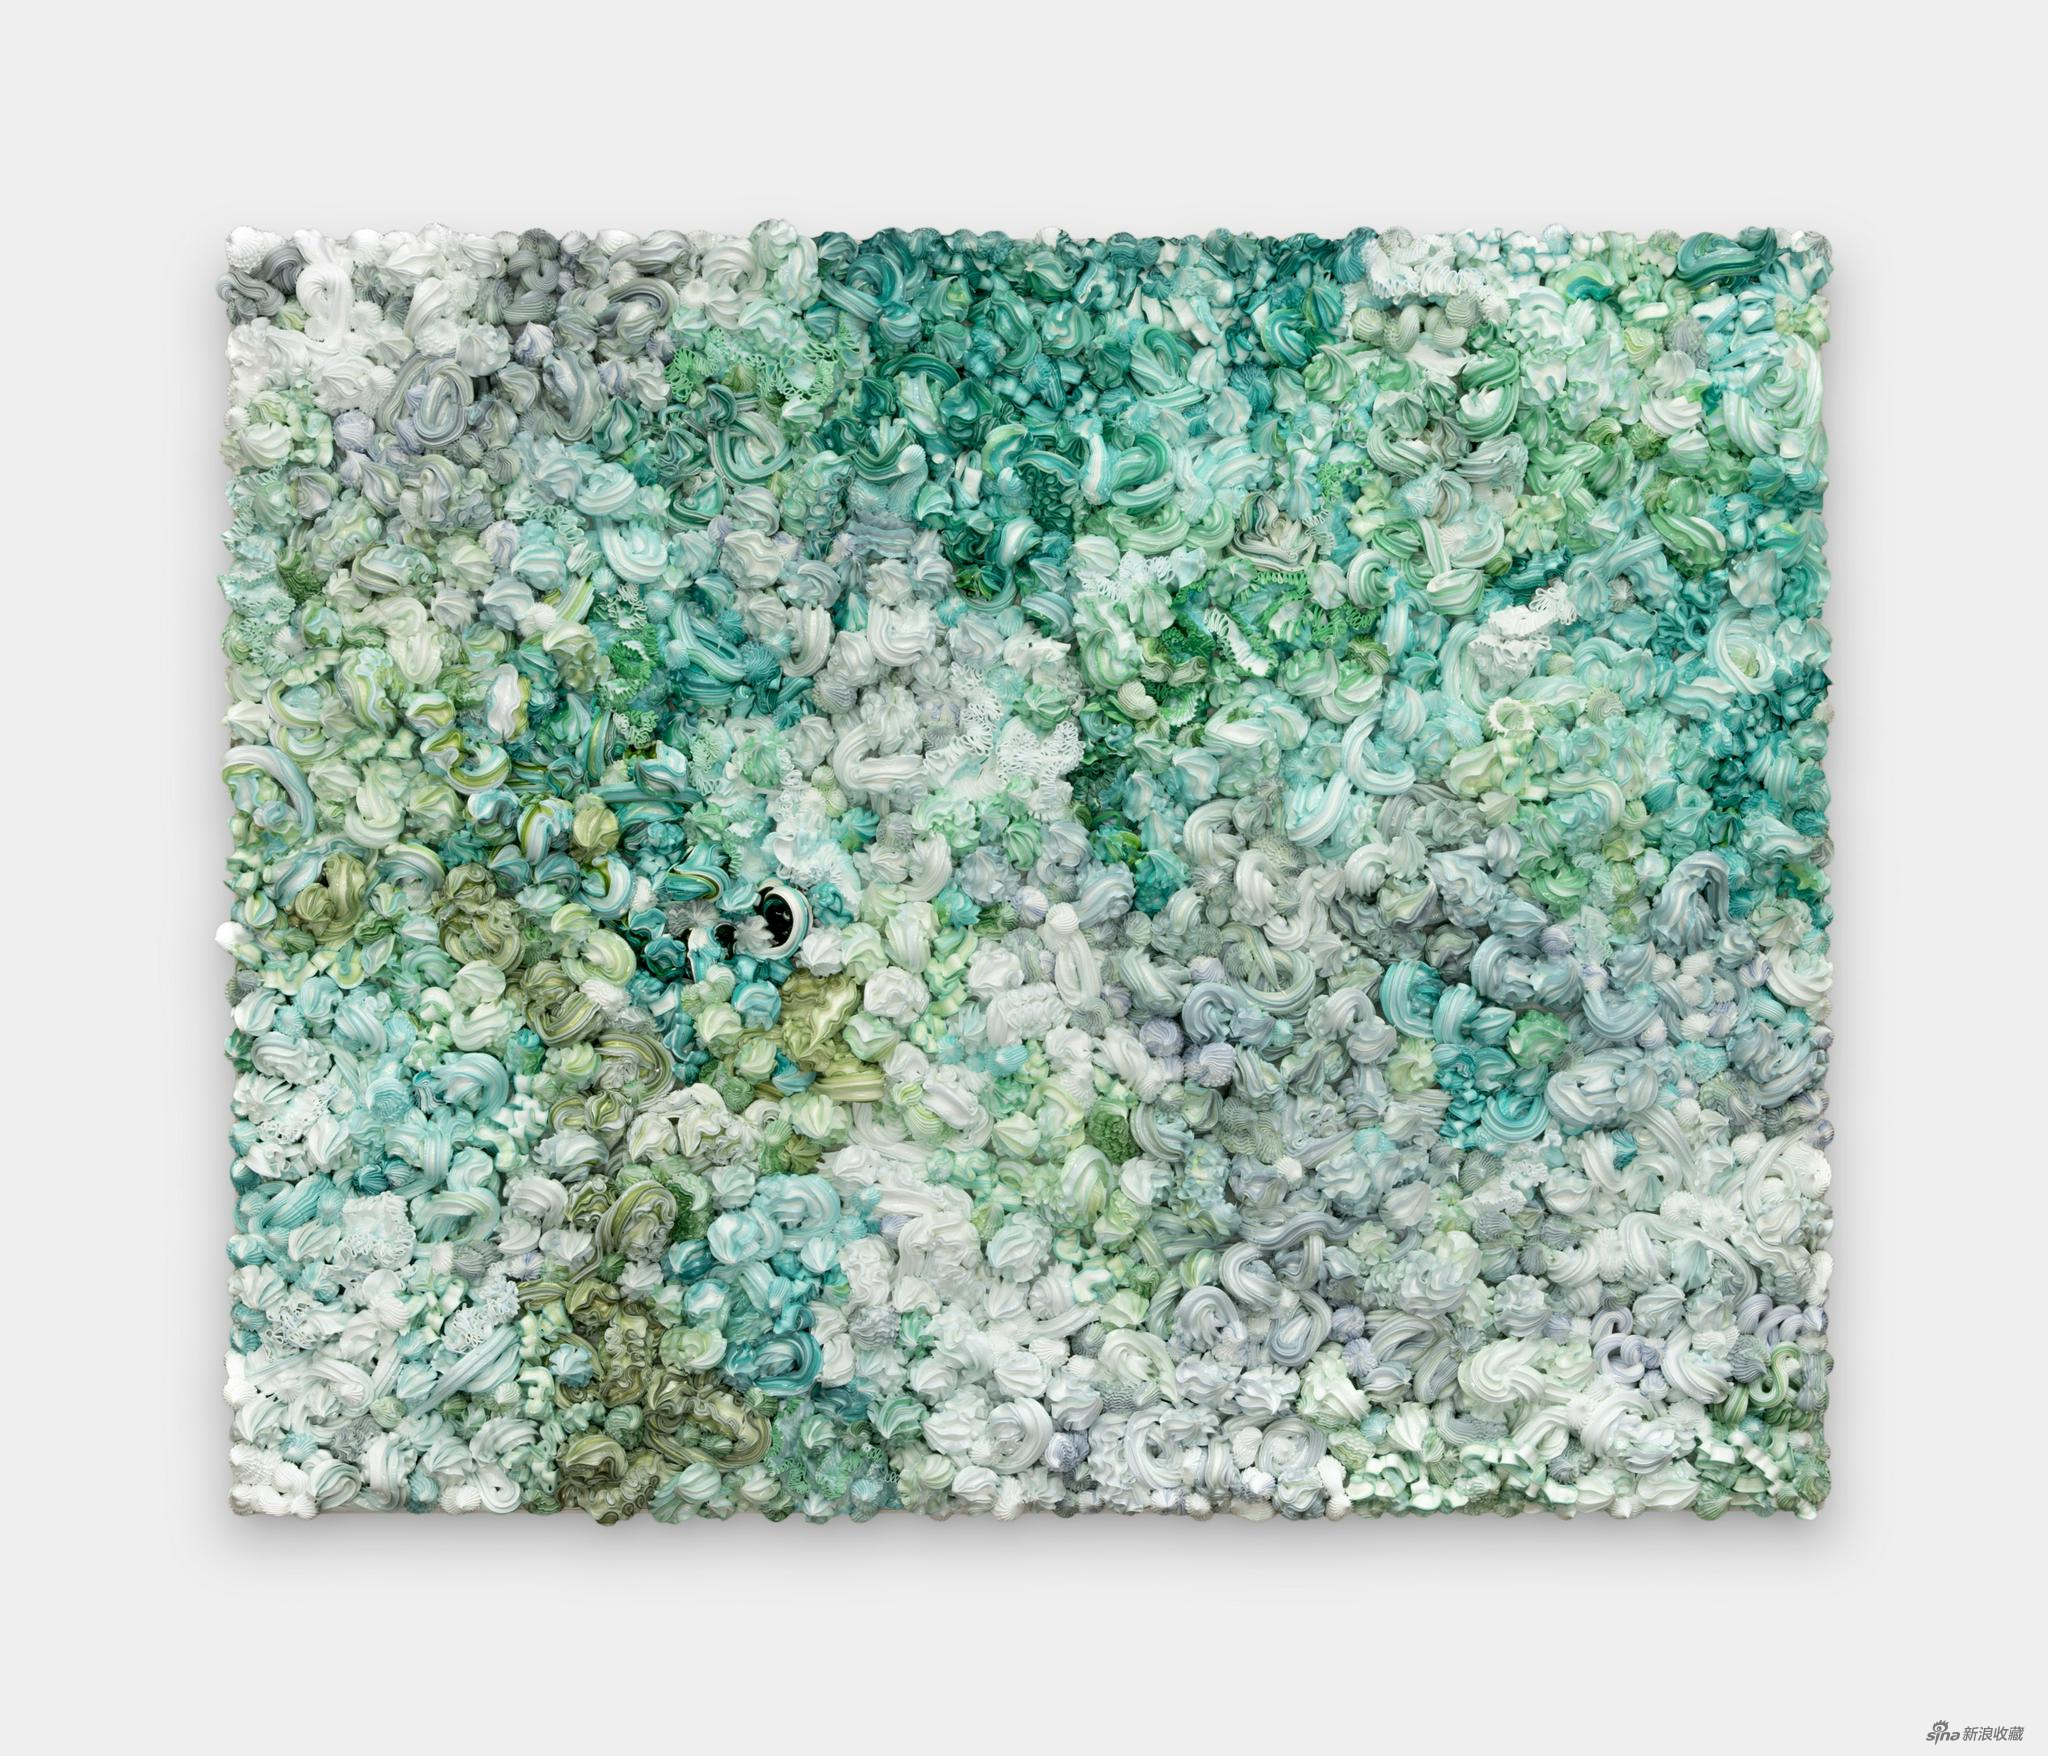 徐震®  XU ZHEN® 《天下-1136FL2112》 Under Heaven-1136FL2112 布面油画,铝 Oil on canvas,Aluminum,100 × 80 cm,2021 ©艺术家和没顶画廊